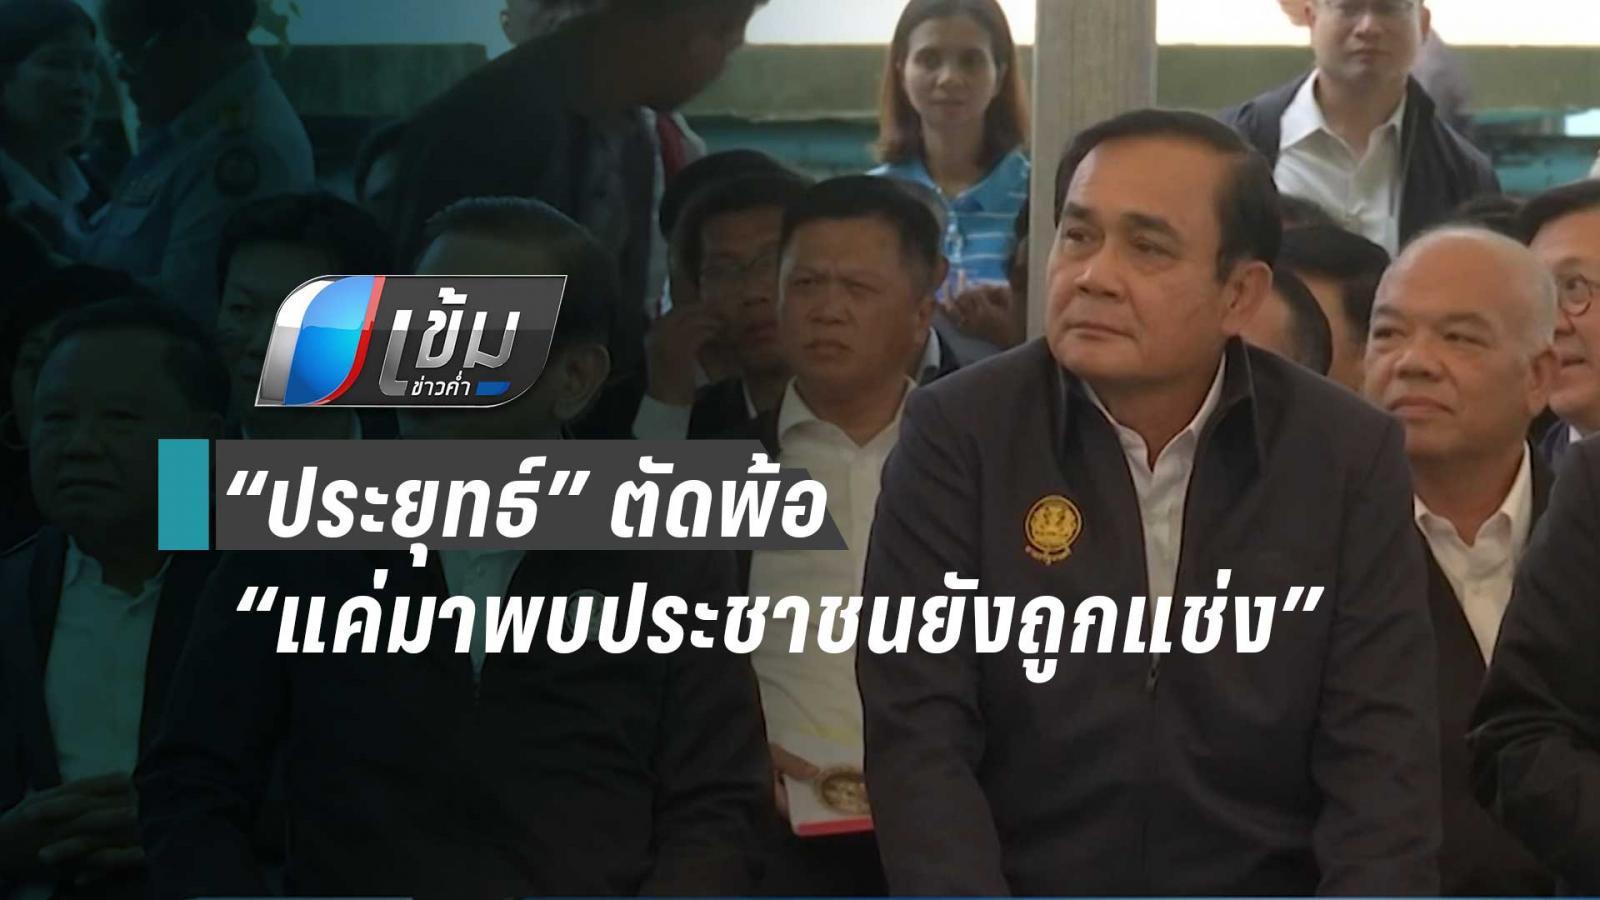 """""""ประยุทธ์"""" ตัดพ้อ มาพบประชาชนยังถูกแช่ง ลั่นรักคนไทยทุกคน แต่ไม่รักคนหนีคุก"""